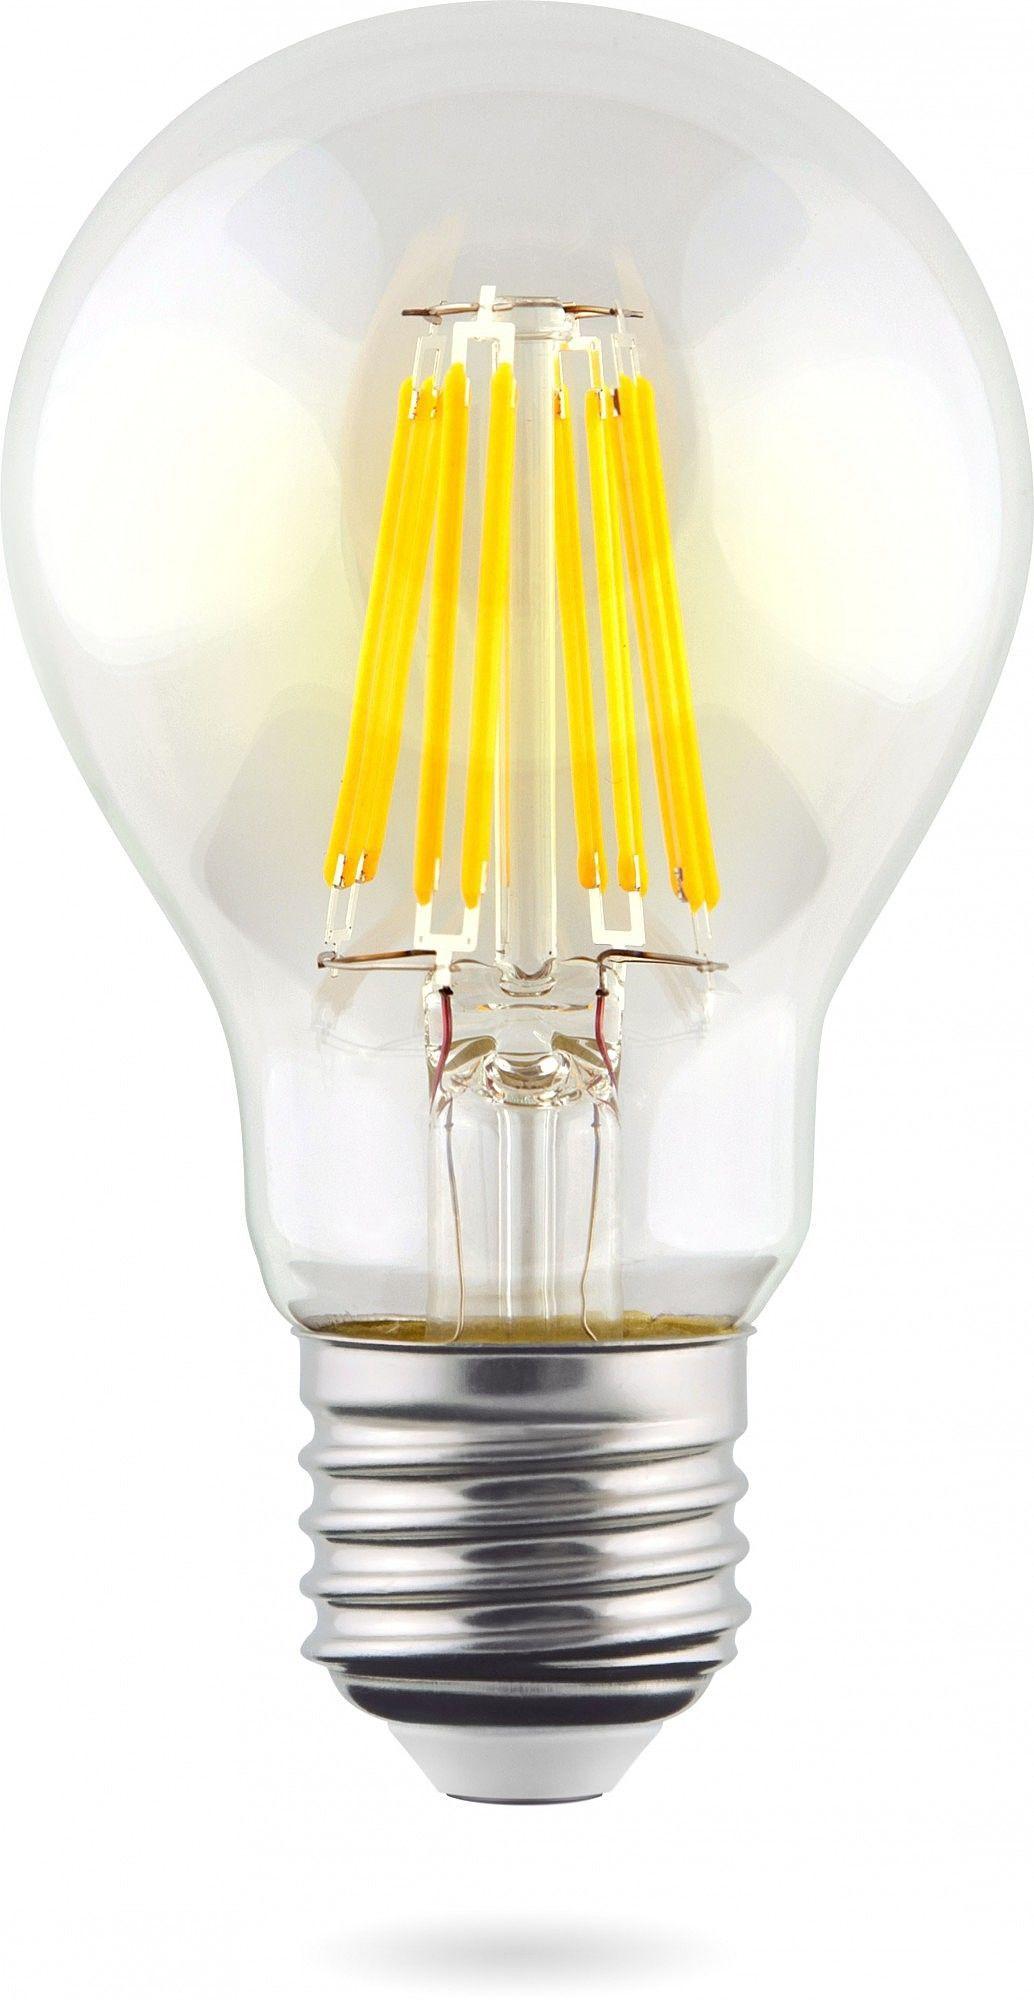 Филаментная светодиодная лампа Voltega Crystal 5489 груша E27 8W, 2800K (теплый) 220V, диммируемая, гарантия 3 года - фото 1